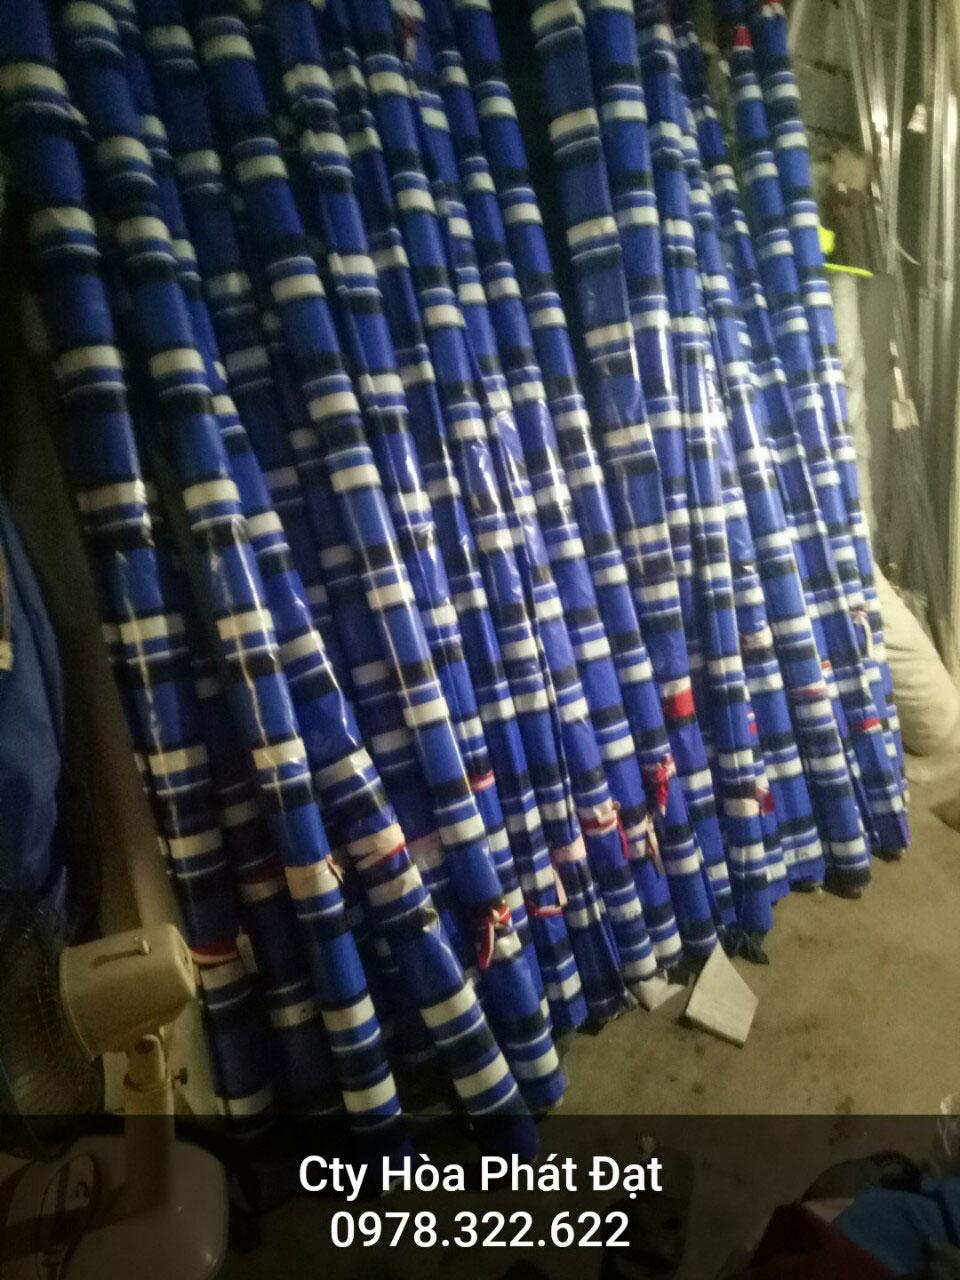 Báo giá cung cấp bạt che nắng may ép vải bạt mái che giá rẻ tại TP Phủ Lý